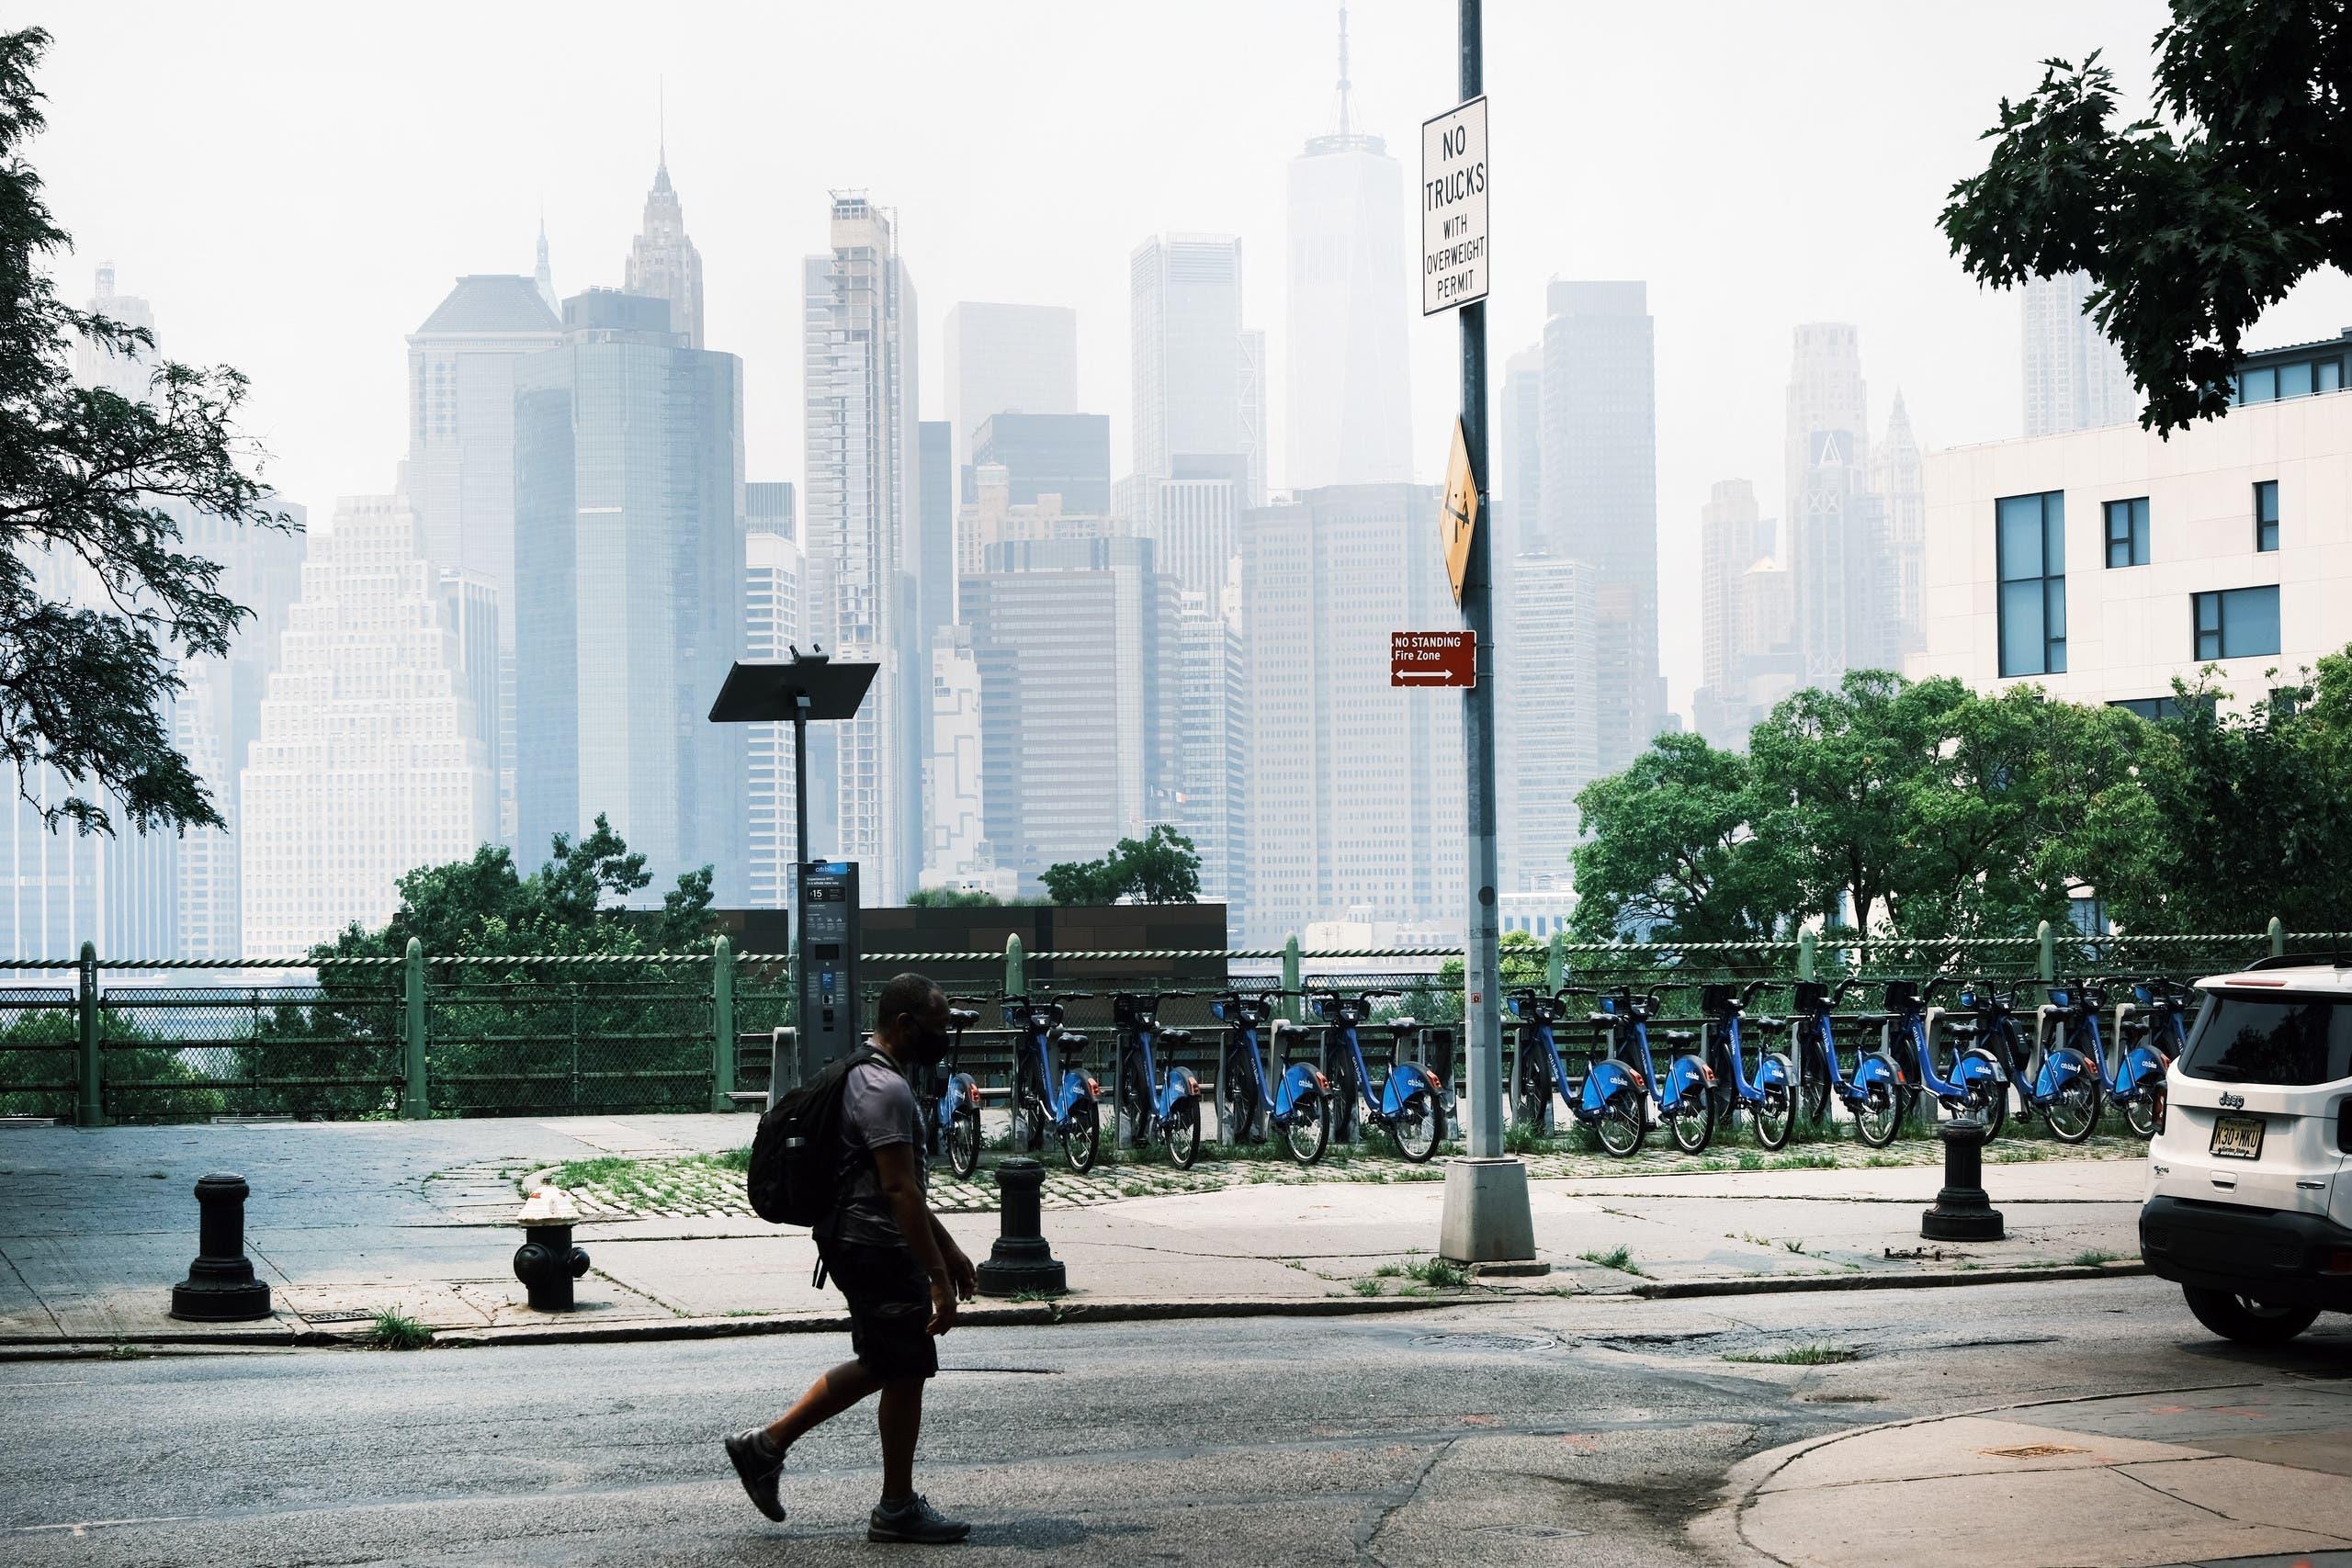 الضباب الدخاني يلف نيويورك